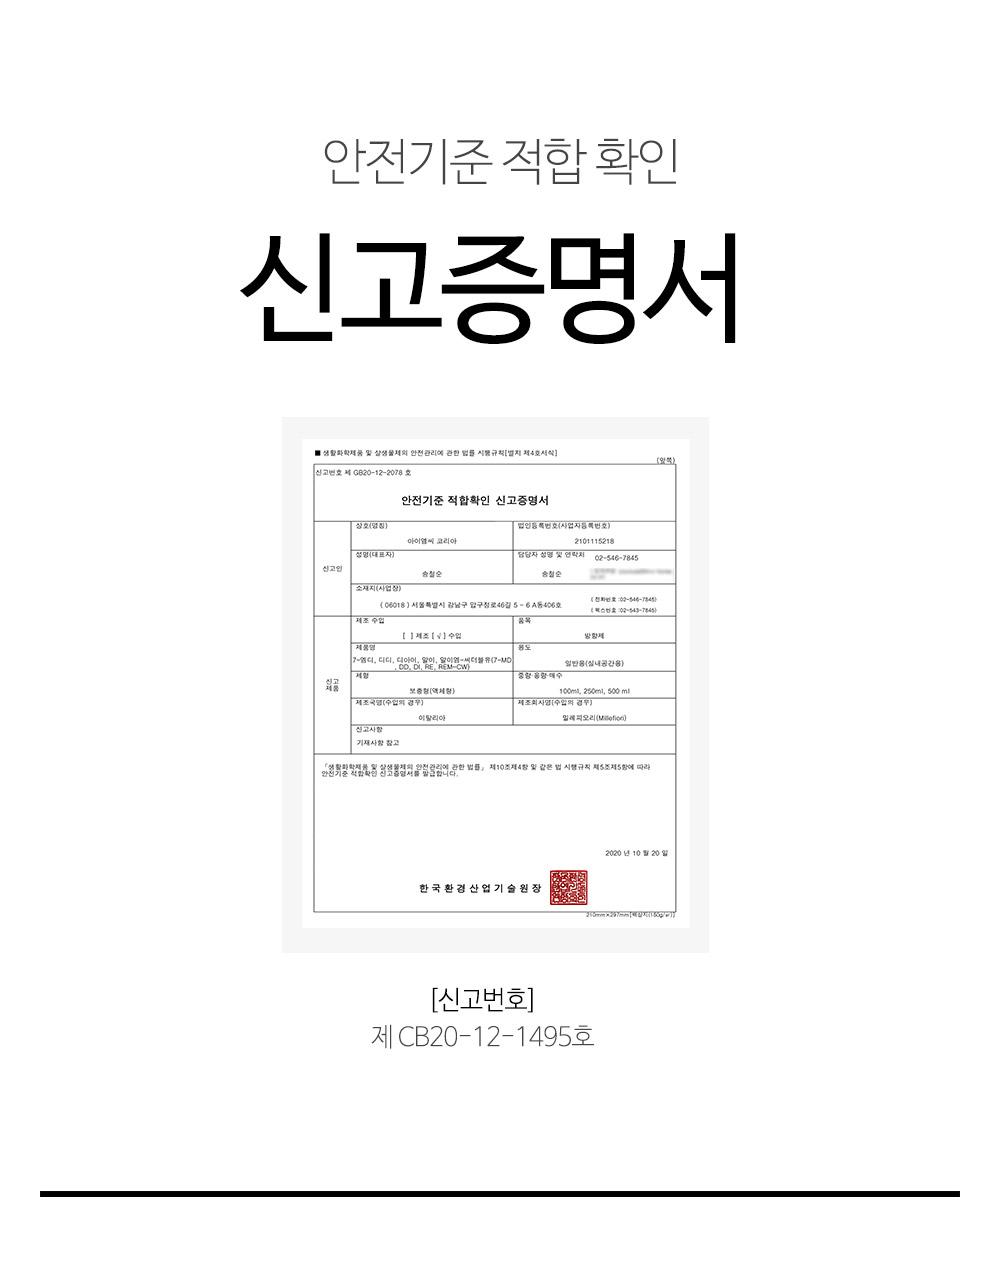 밀레피오리 내츄럴 리필 디퓨져 안전기준 적합확인 신고증명서